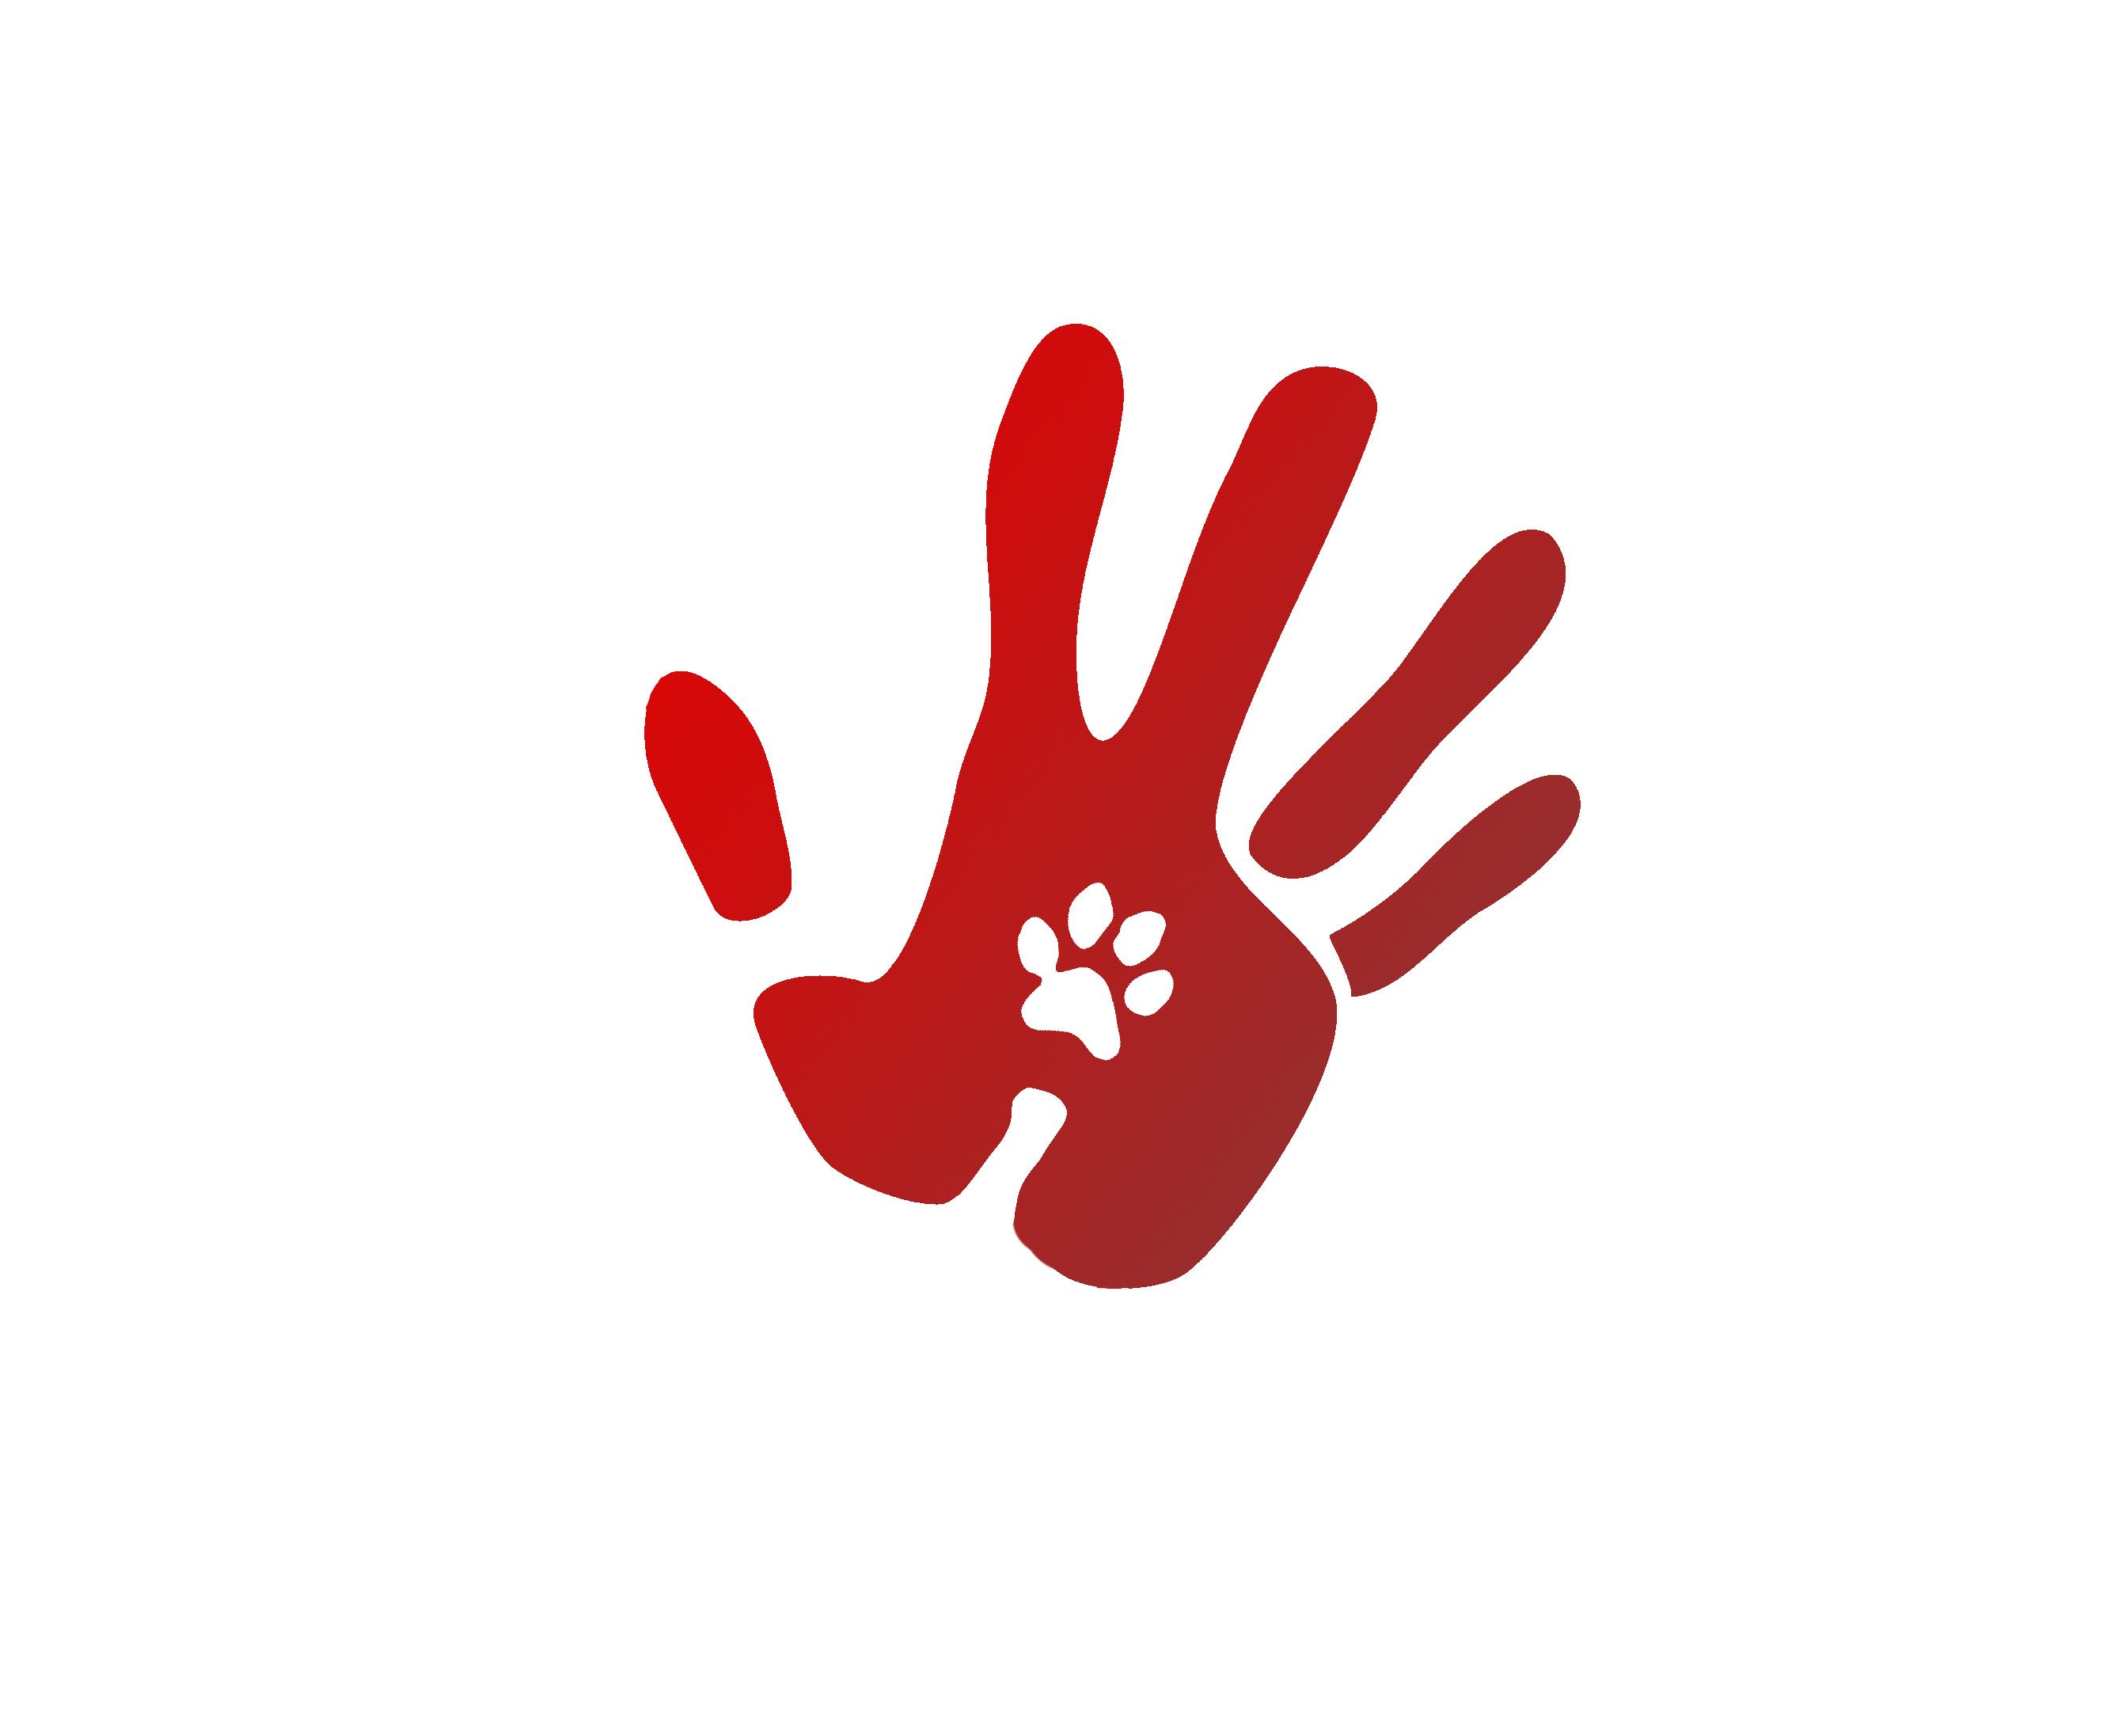 логотип для сайта и группы вк - cat.help фото f_44859da5f95e0692.jpg